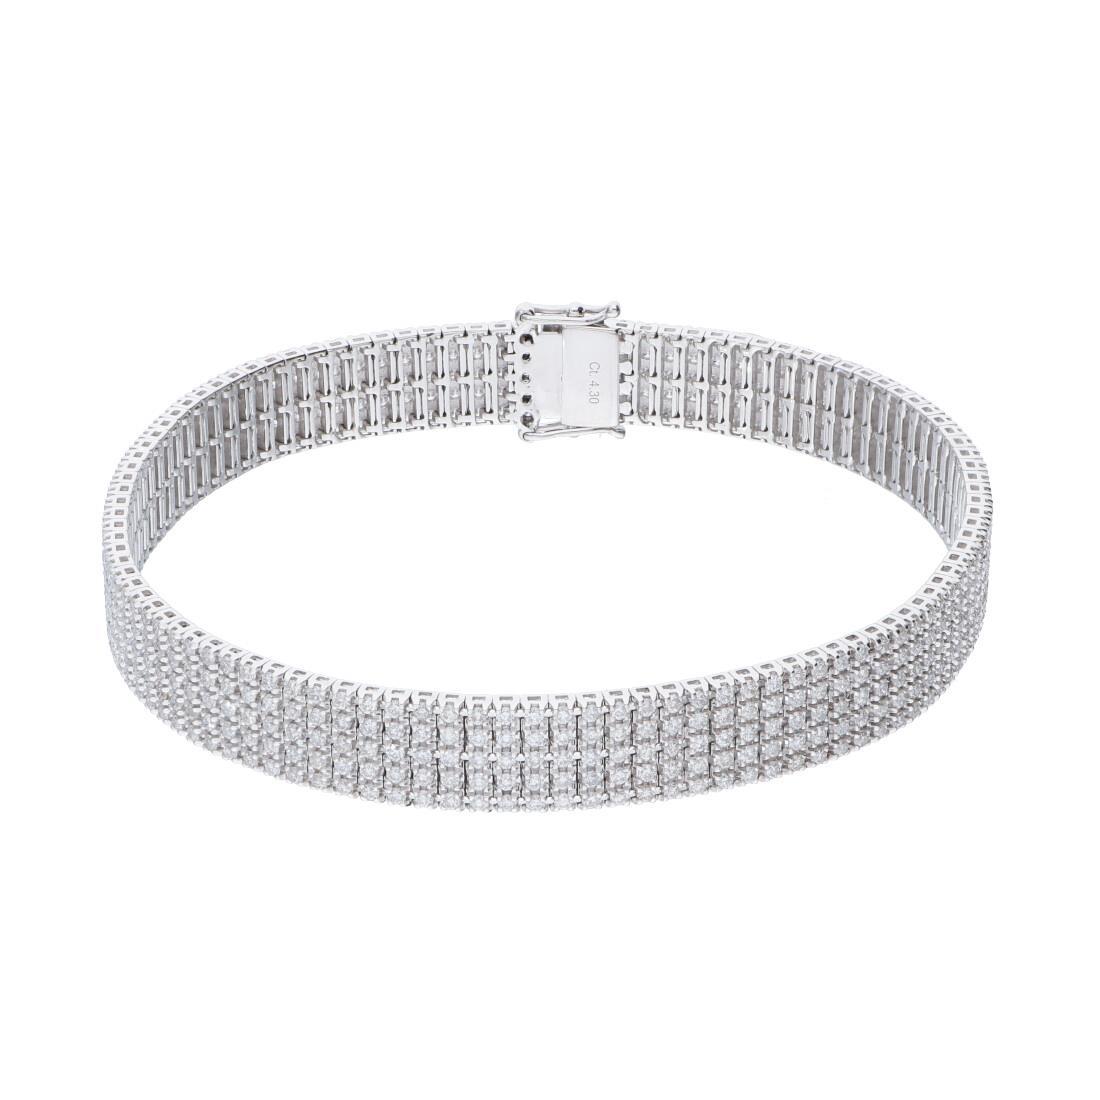 Bracciale Tennis unito 5 file in oro bianco con diamanti - ALFIERI & ST. JOHN